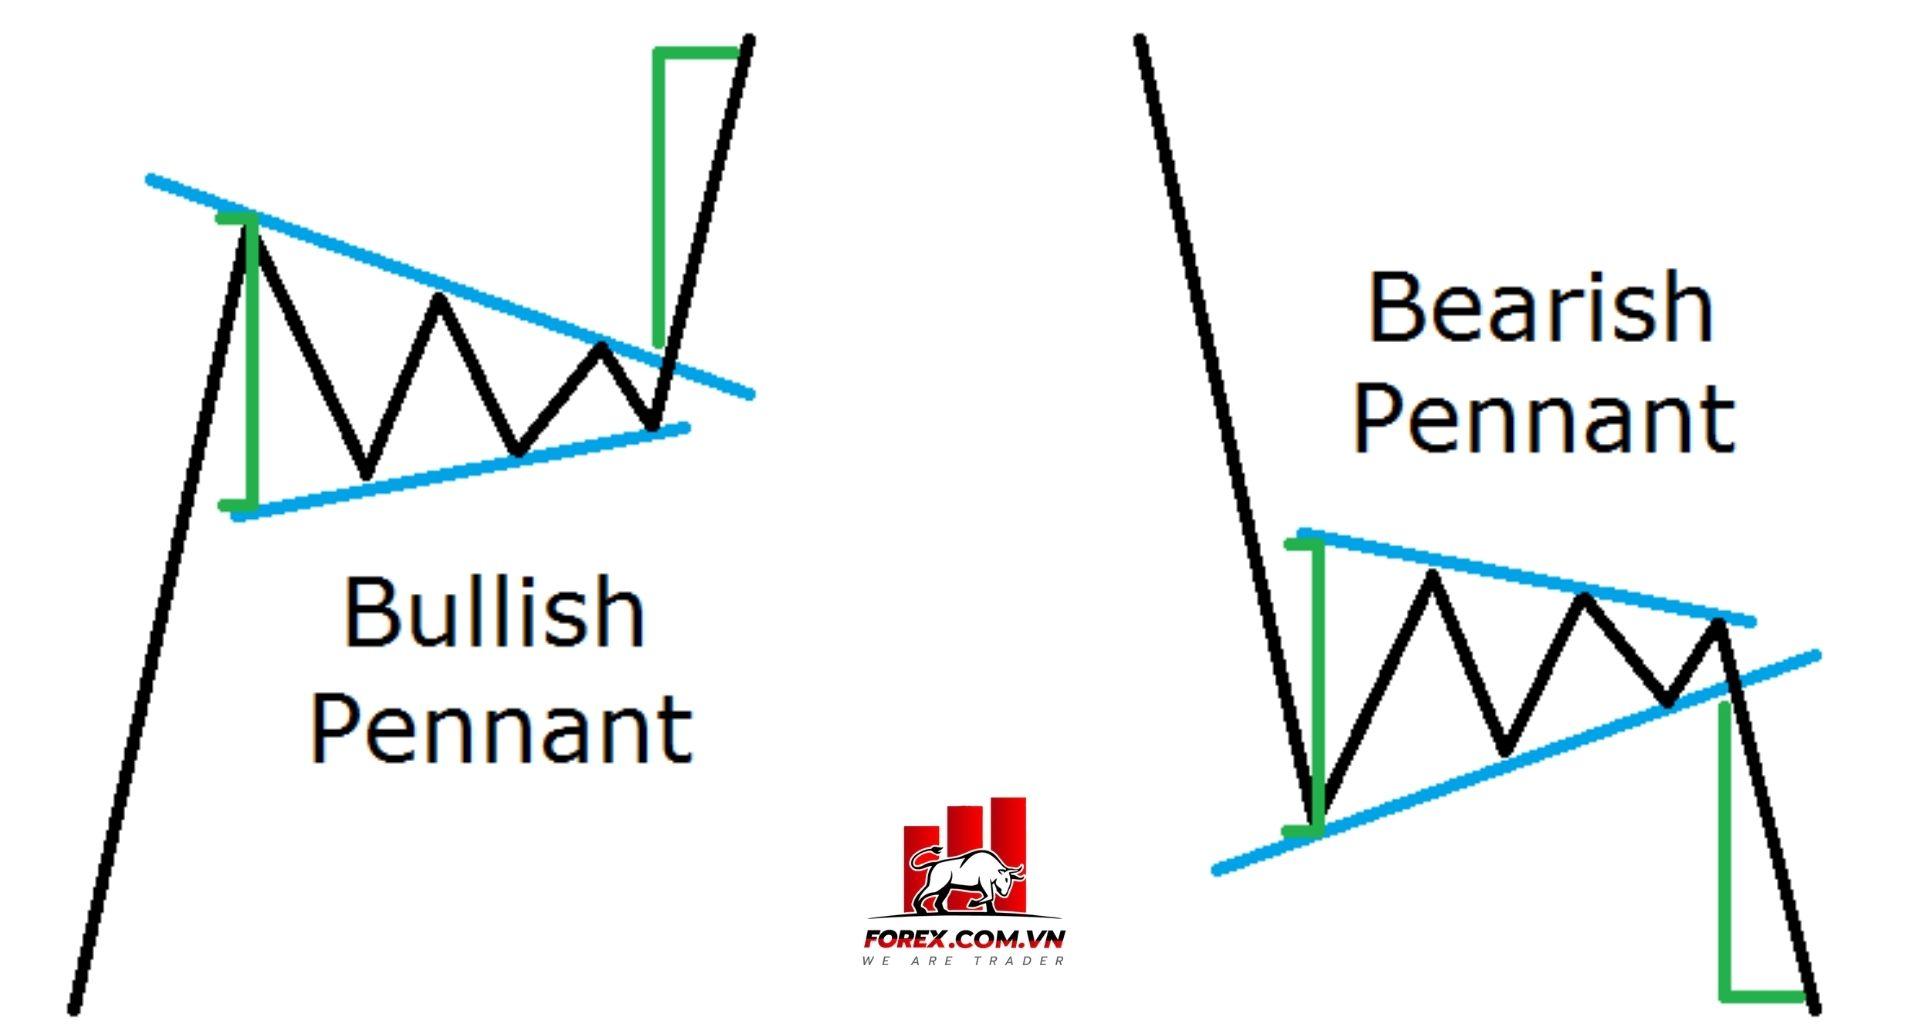 Mô hình giá Pennant là gì